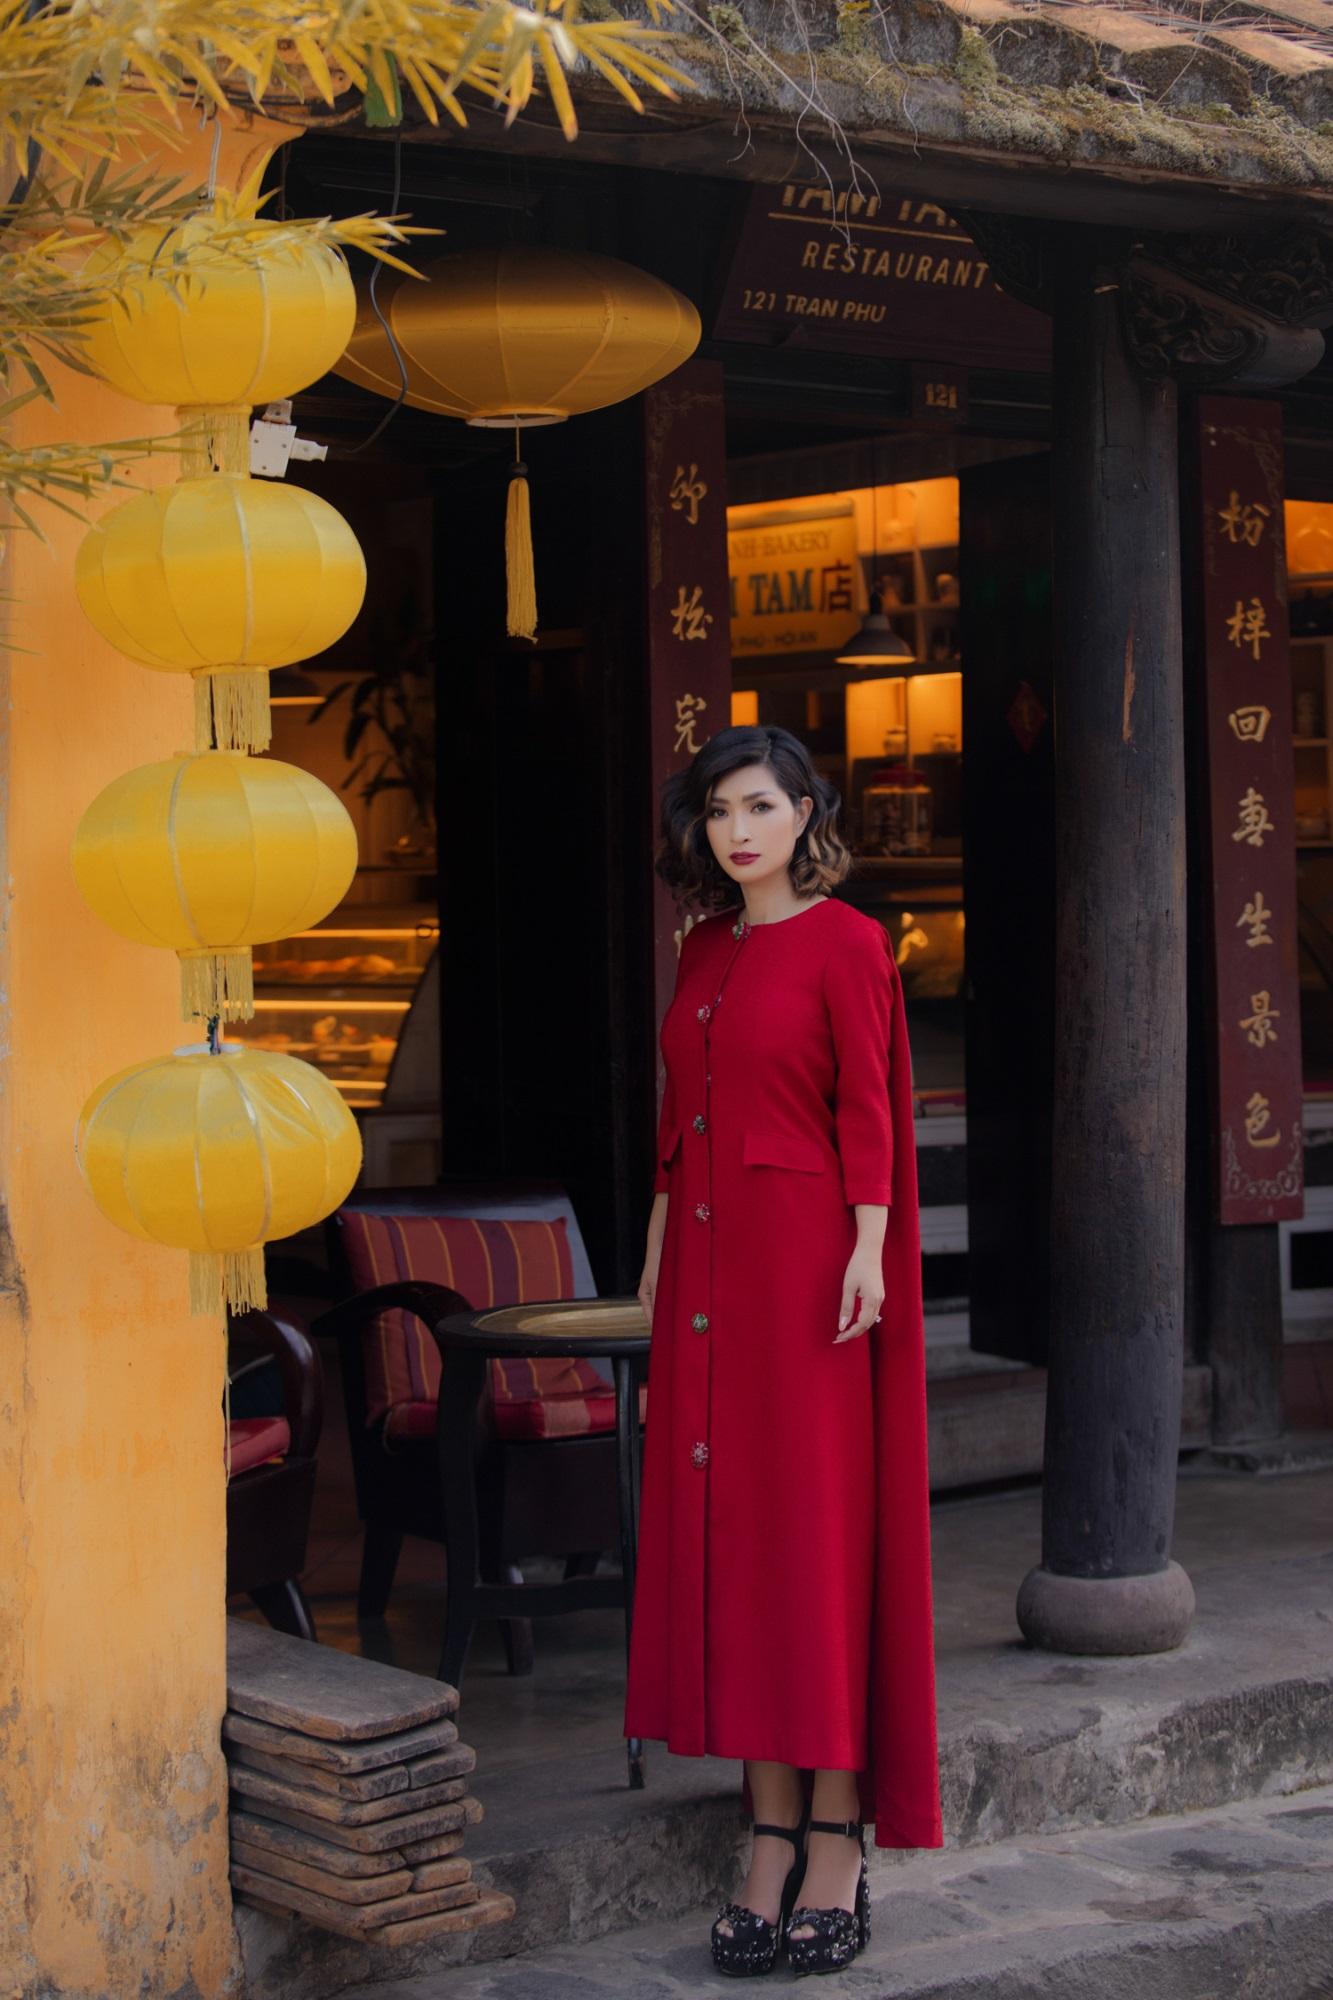 Hồng Nhung 'Sao Mai điểm hẹn': 'Tôi nuôi con không cần chồng cũ chu cấp' - Ảnh 9